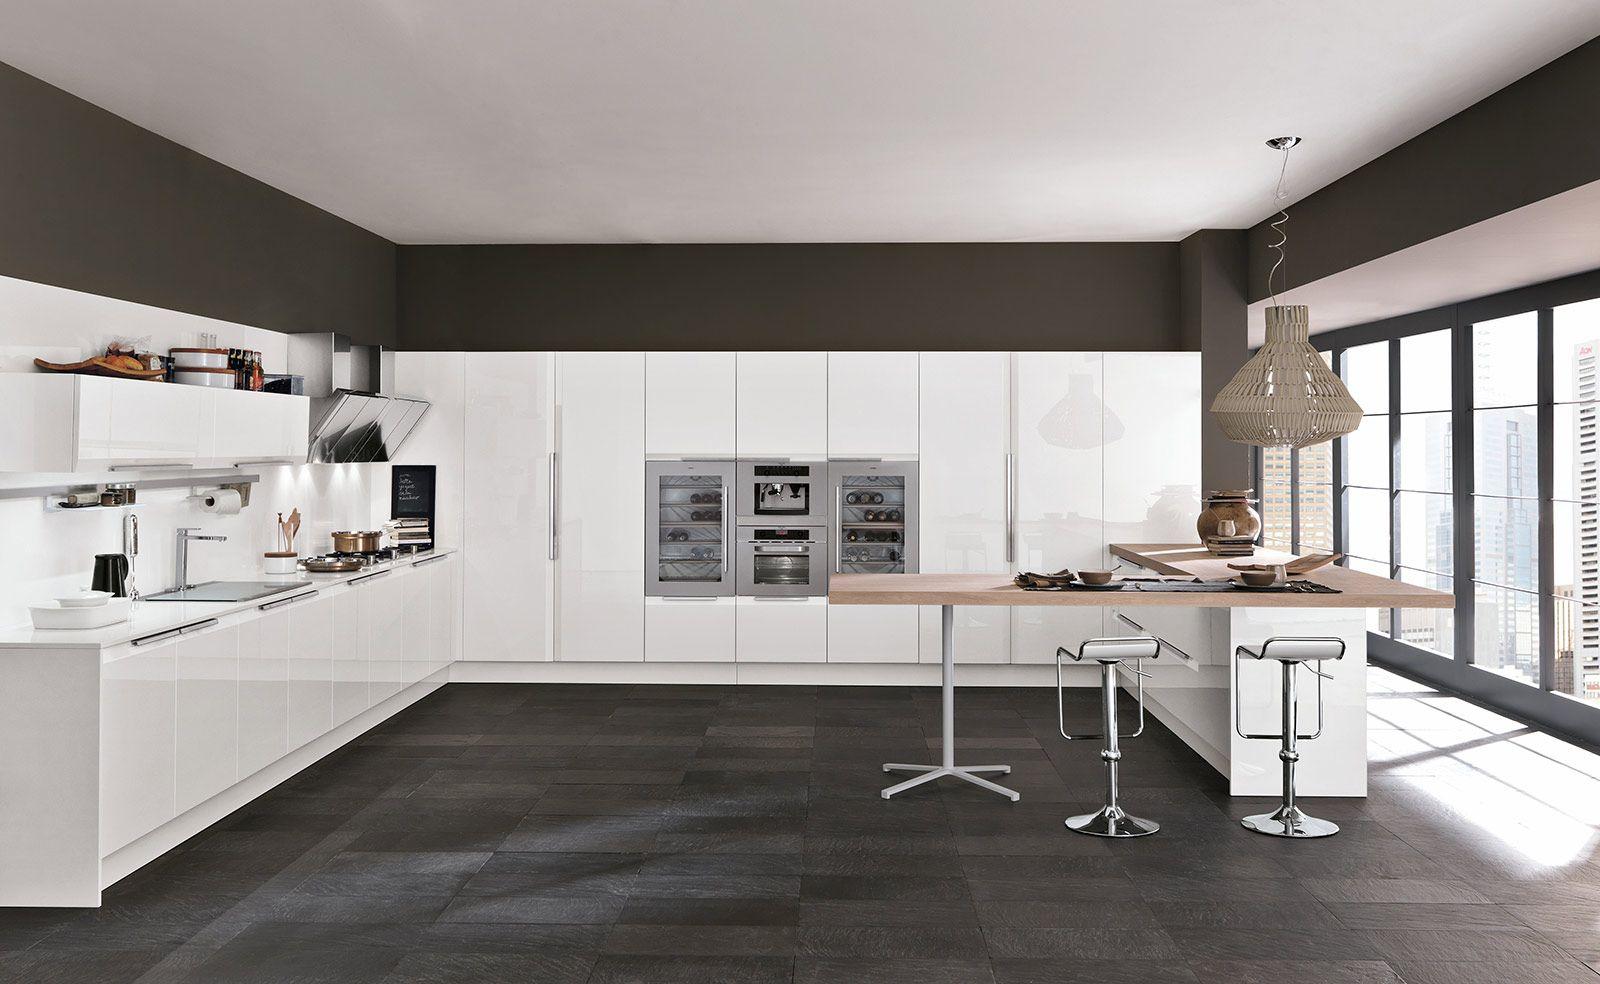 Credenza Cucina Con Piano Di Lavoro : Cucine bianche moderne case e arredi